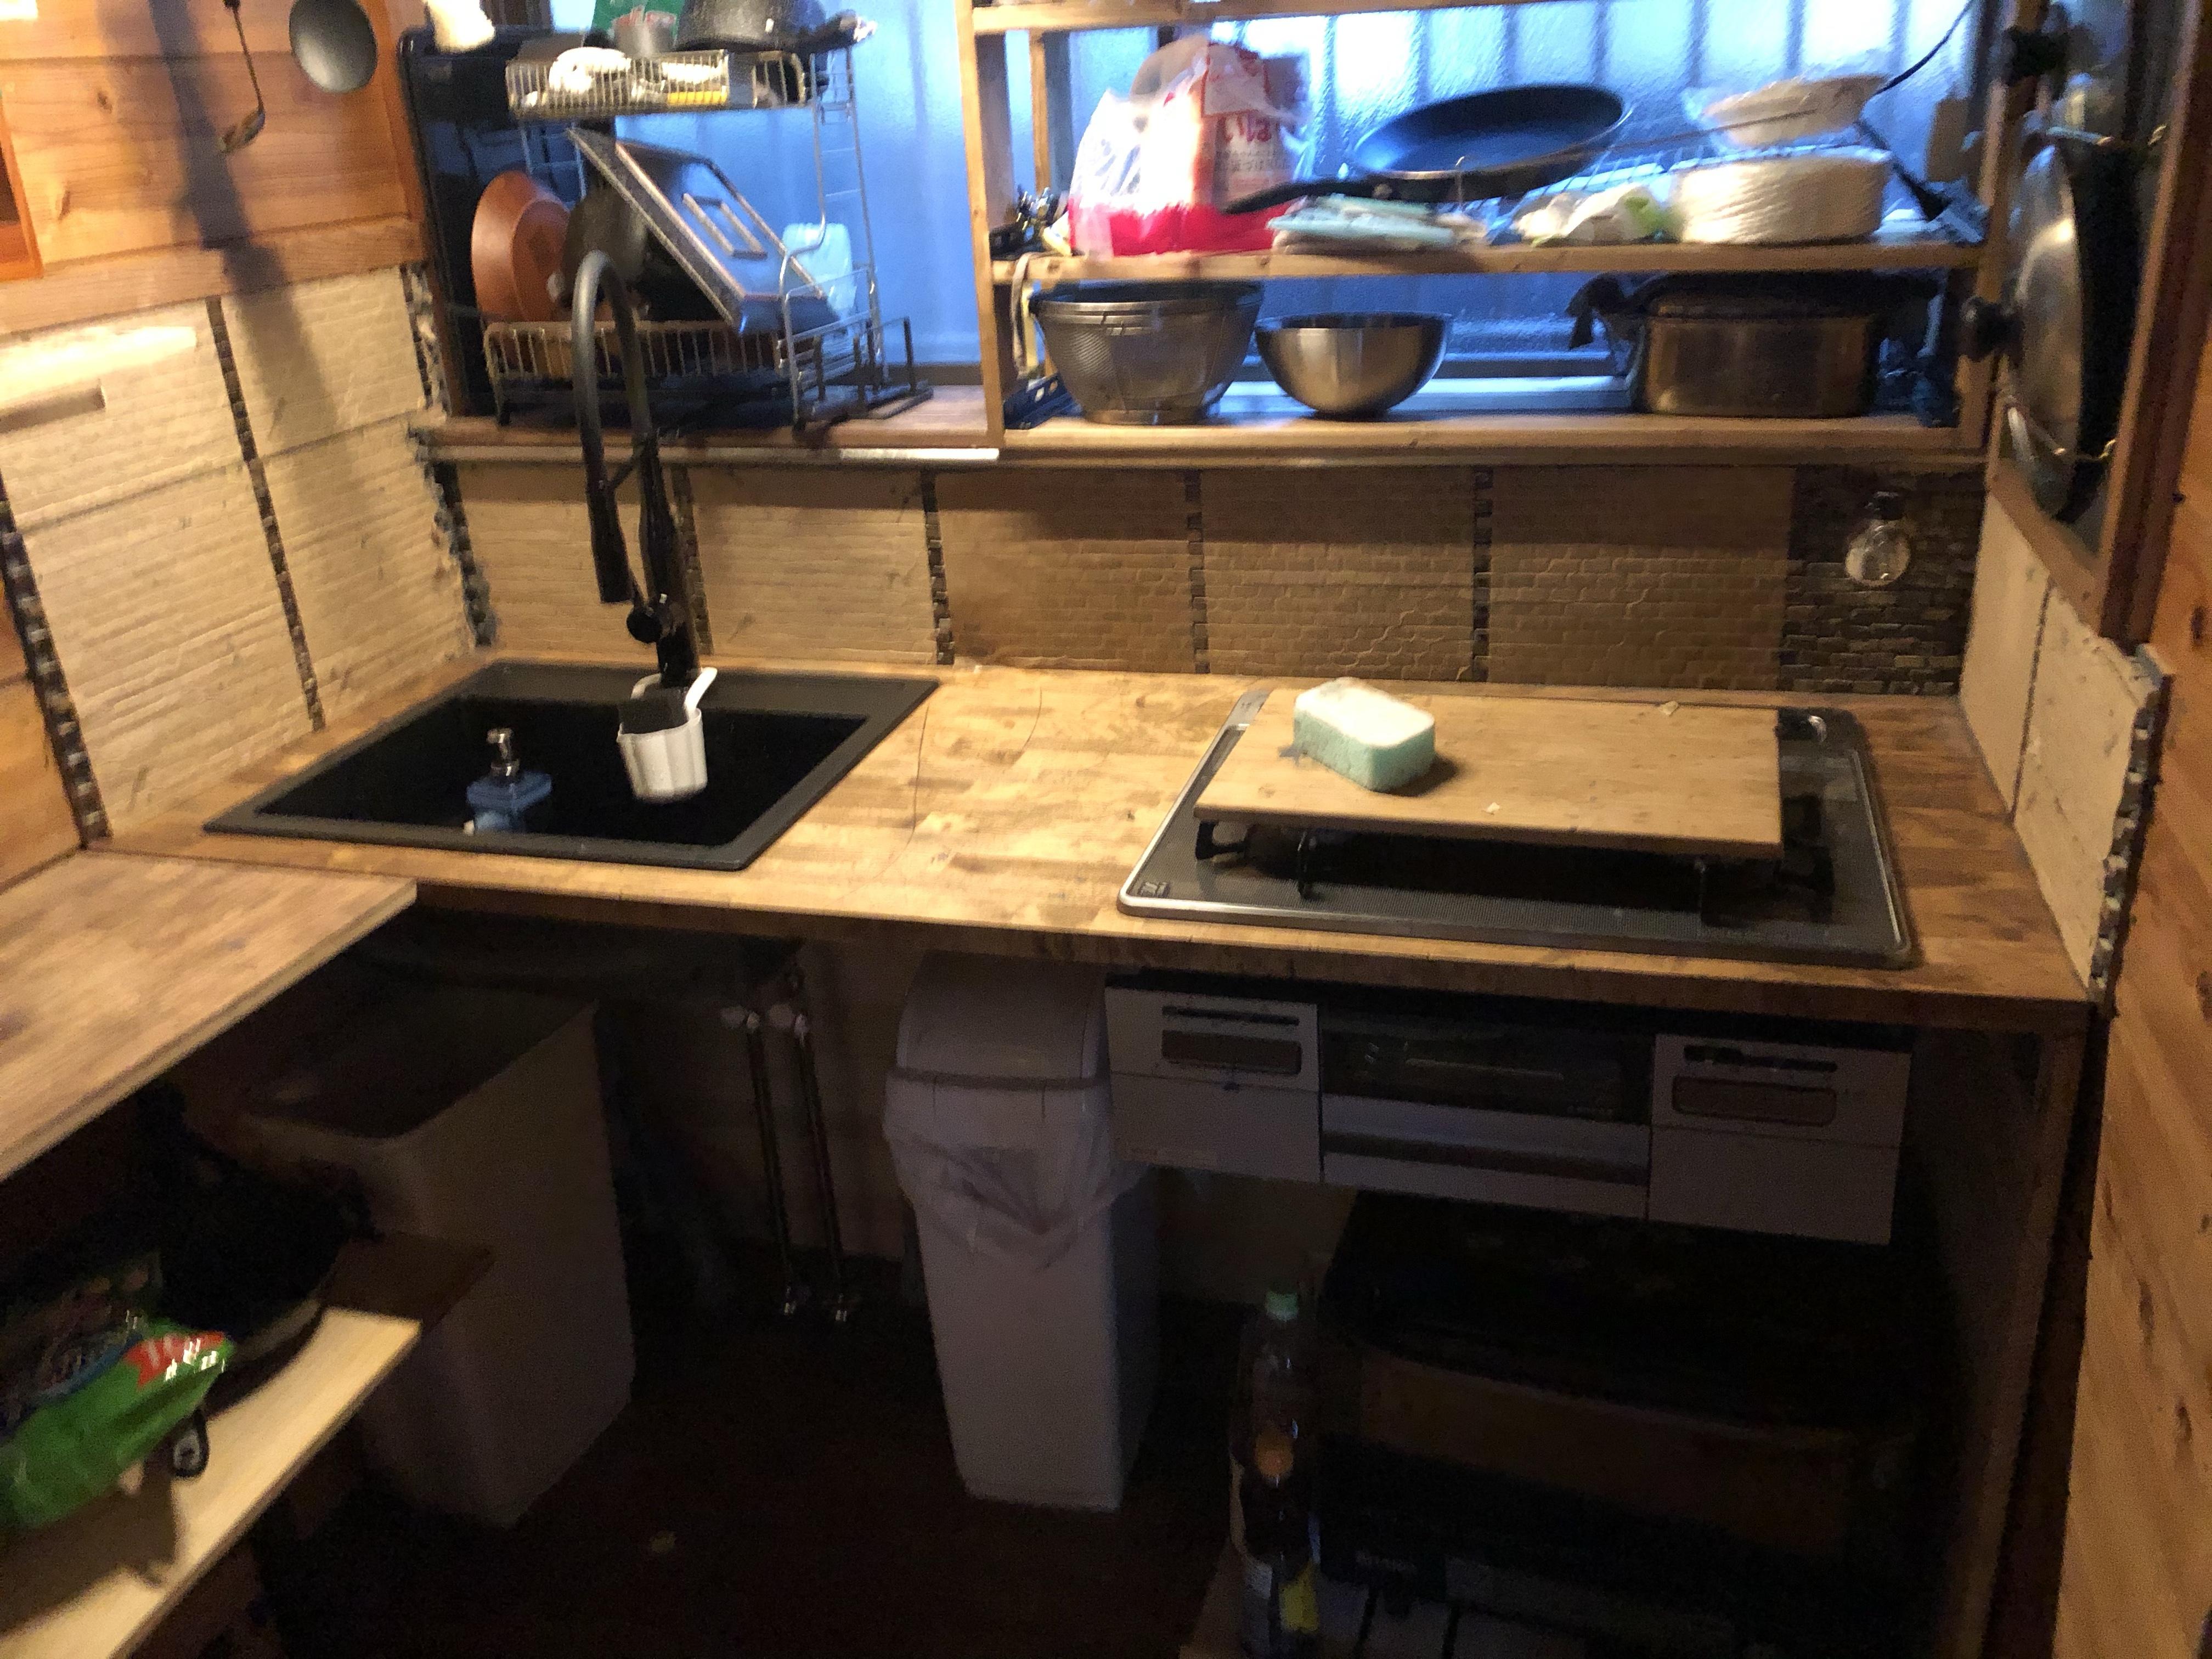 キッチンのタイル貼りに挑戦